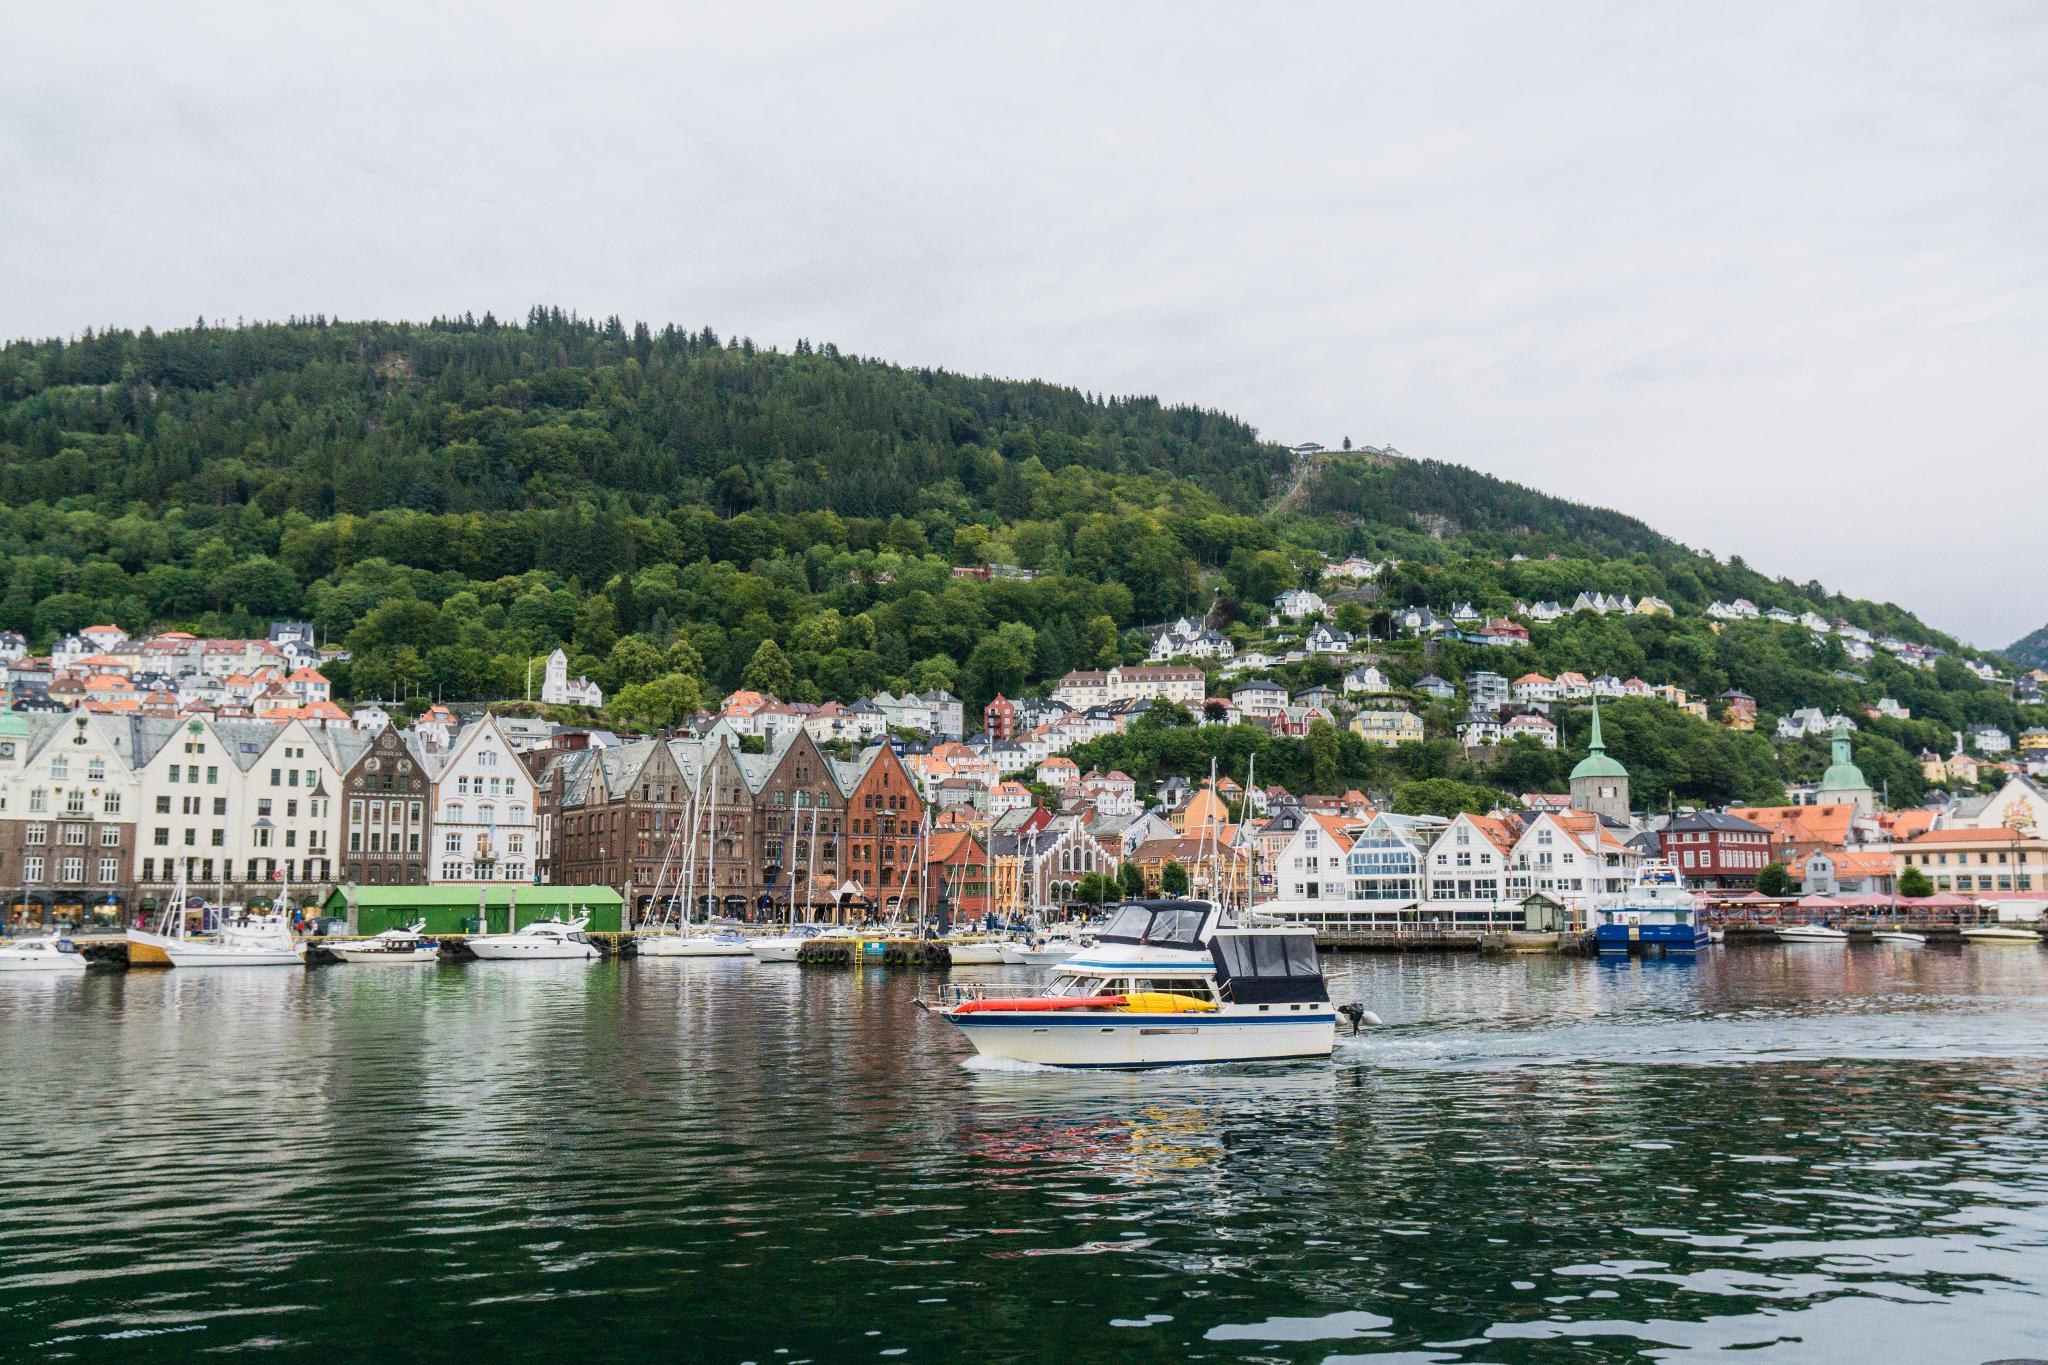 【卑爾根】海鮮吃貨~前進價格不菲的卑爾根魚市場 Fisketorget 59